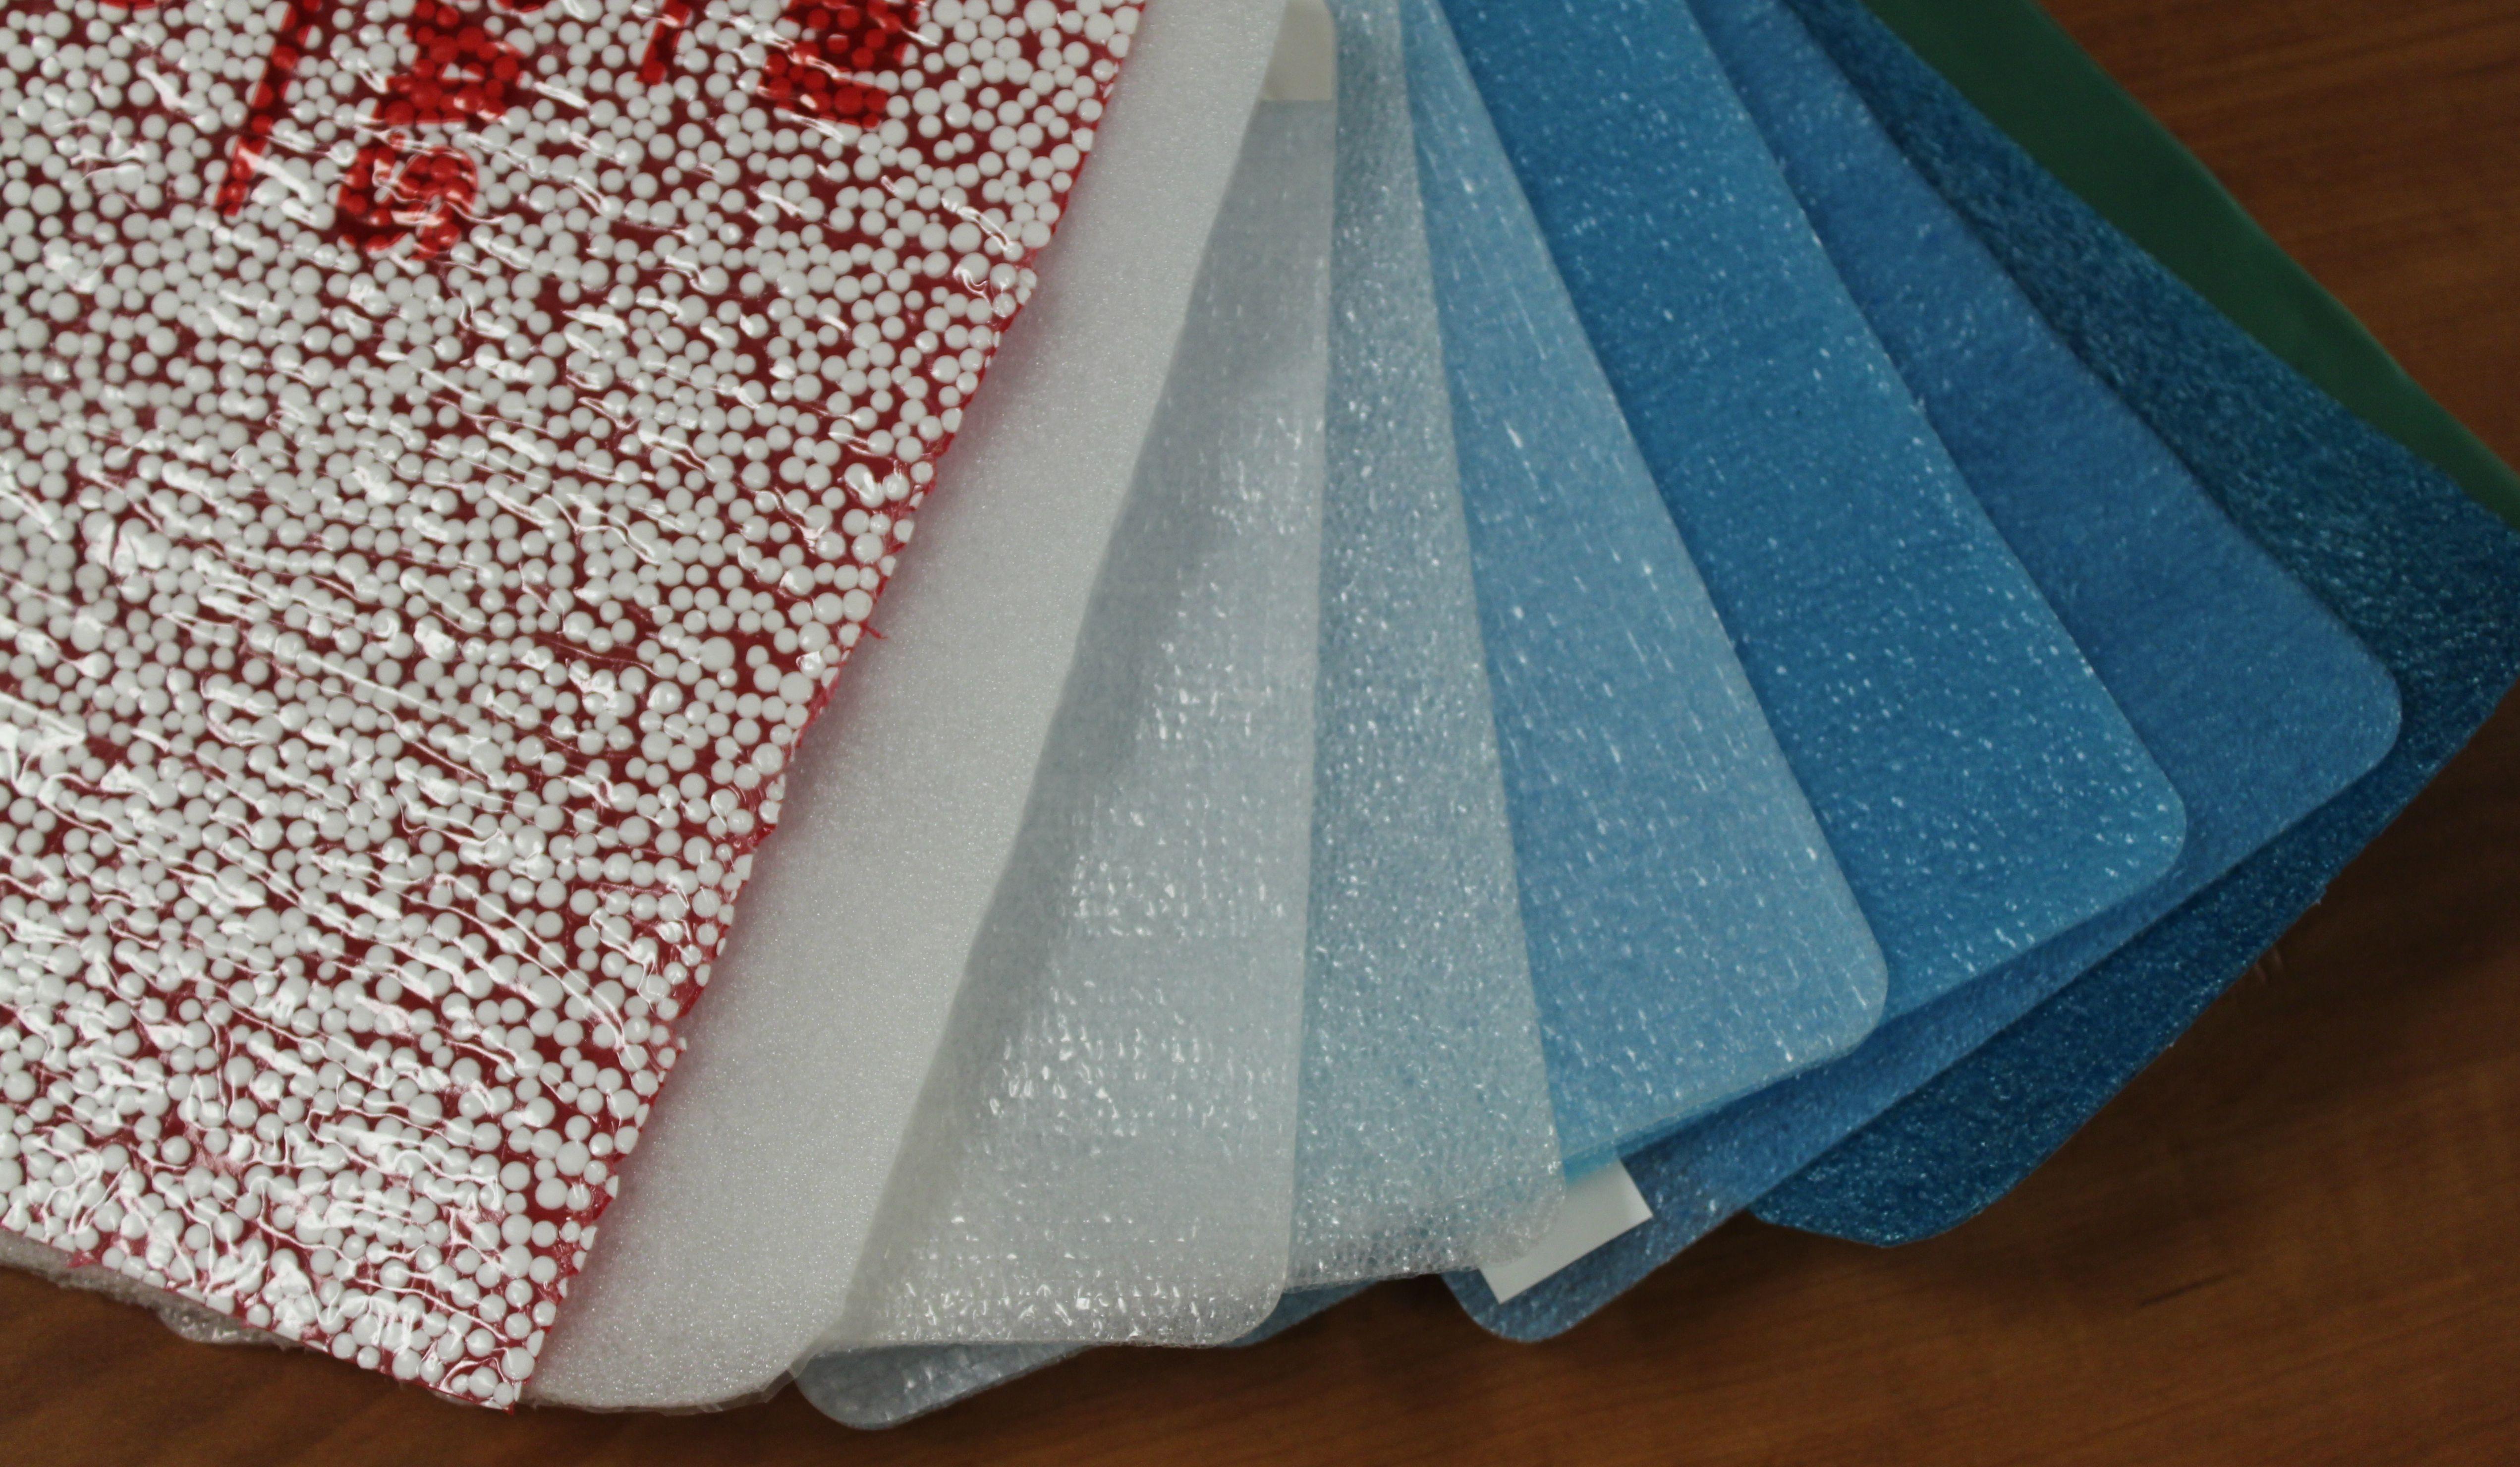 laminate underlayment do i need laminate flooring underlayment silent blue laminate wood floor  underlayment YKGCEXM